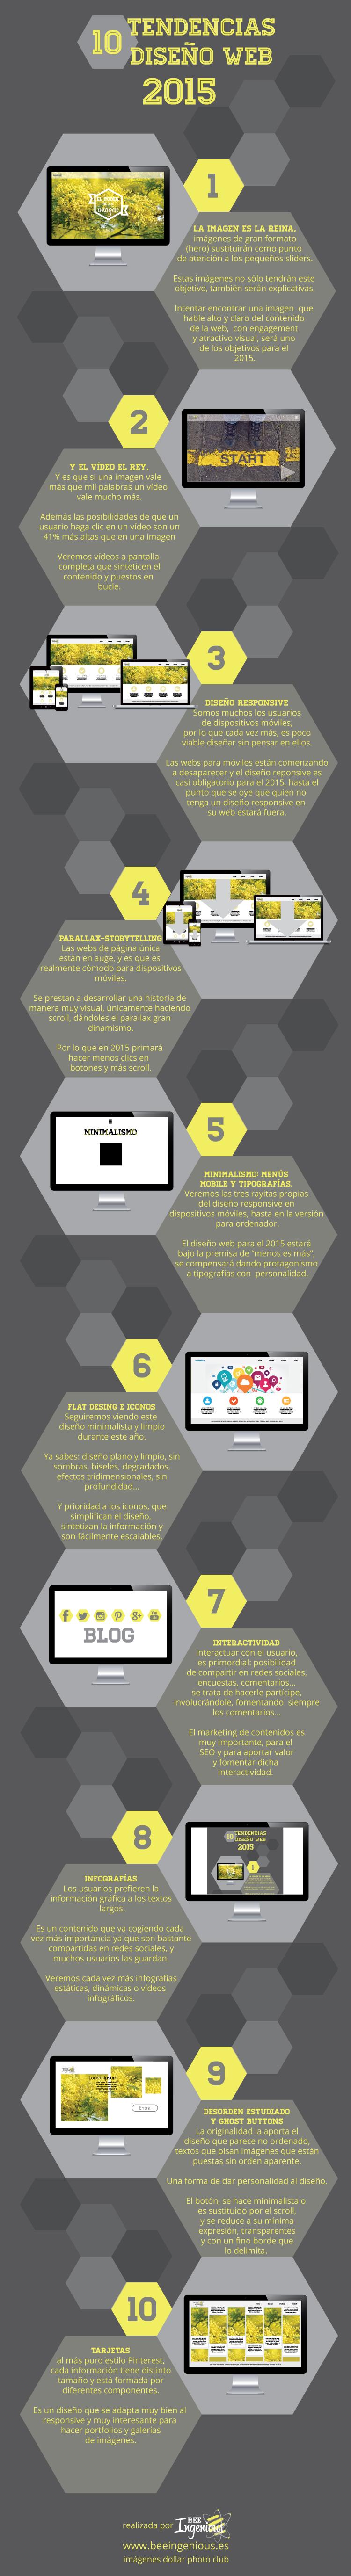 tendencias web 2015 infografía